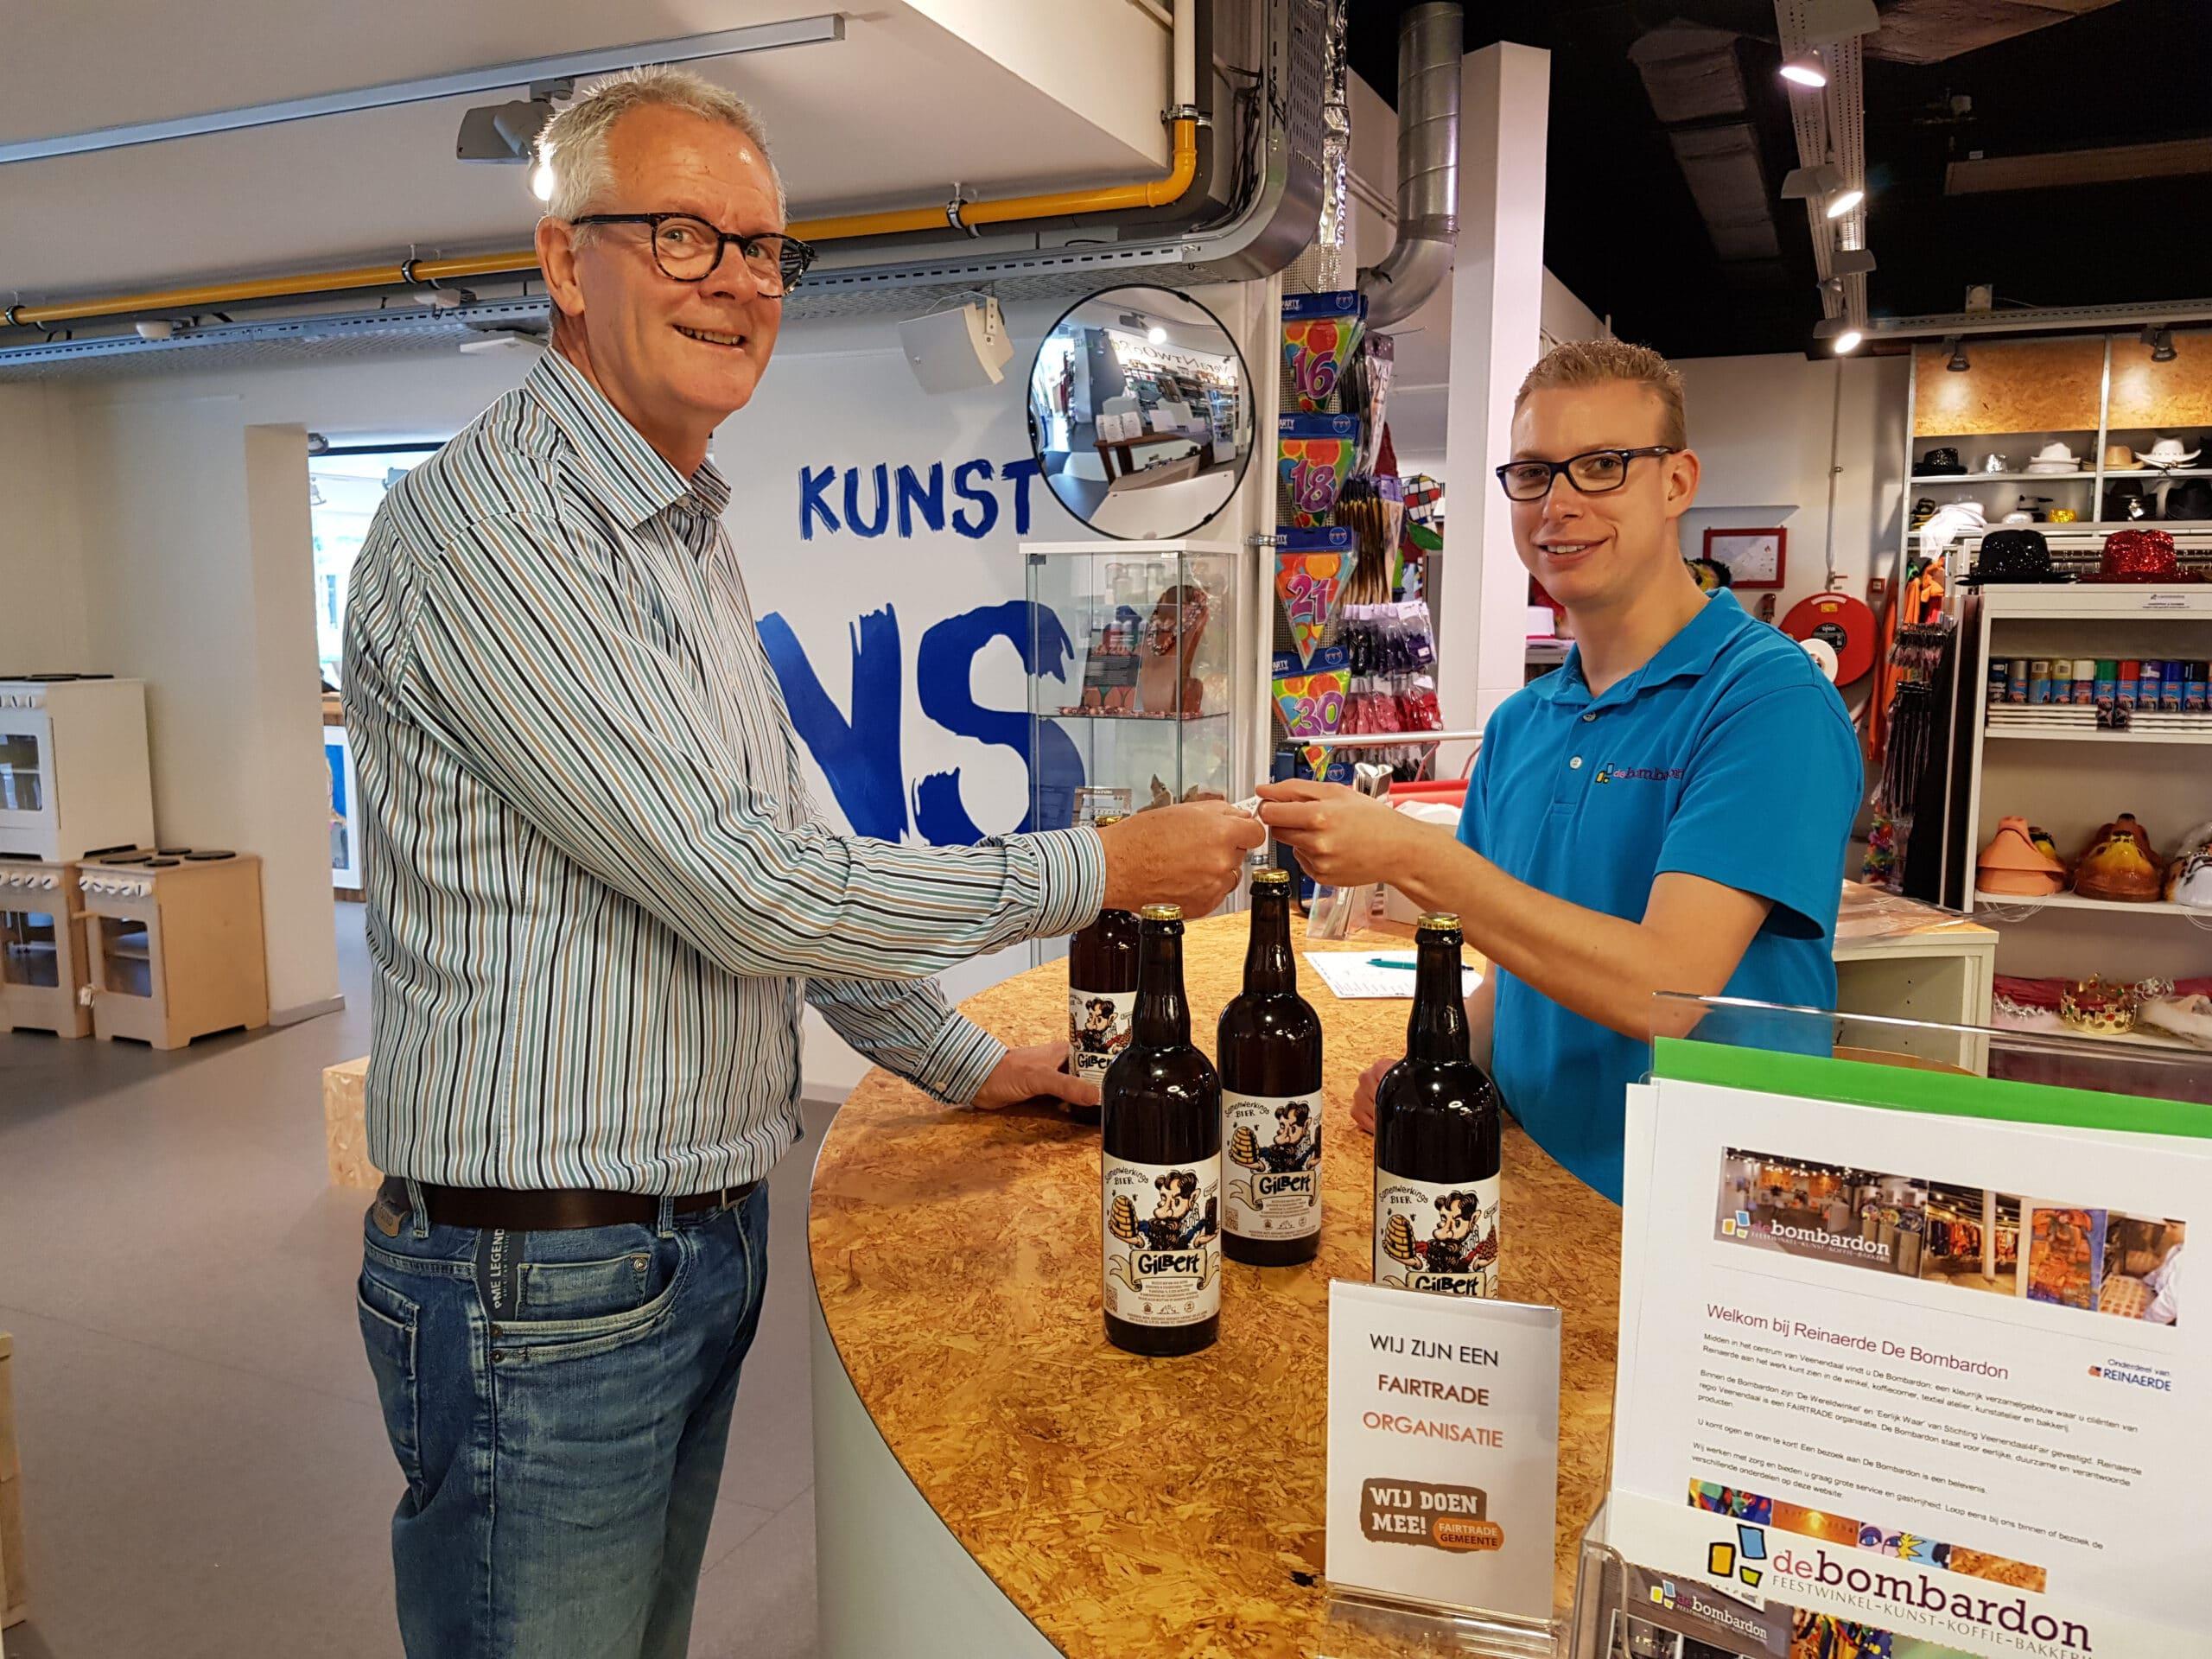 Voor de echte bierliefhebbers: Gilbert bier